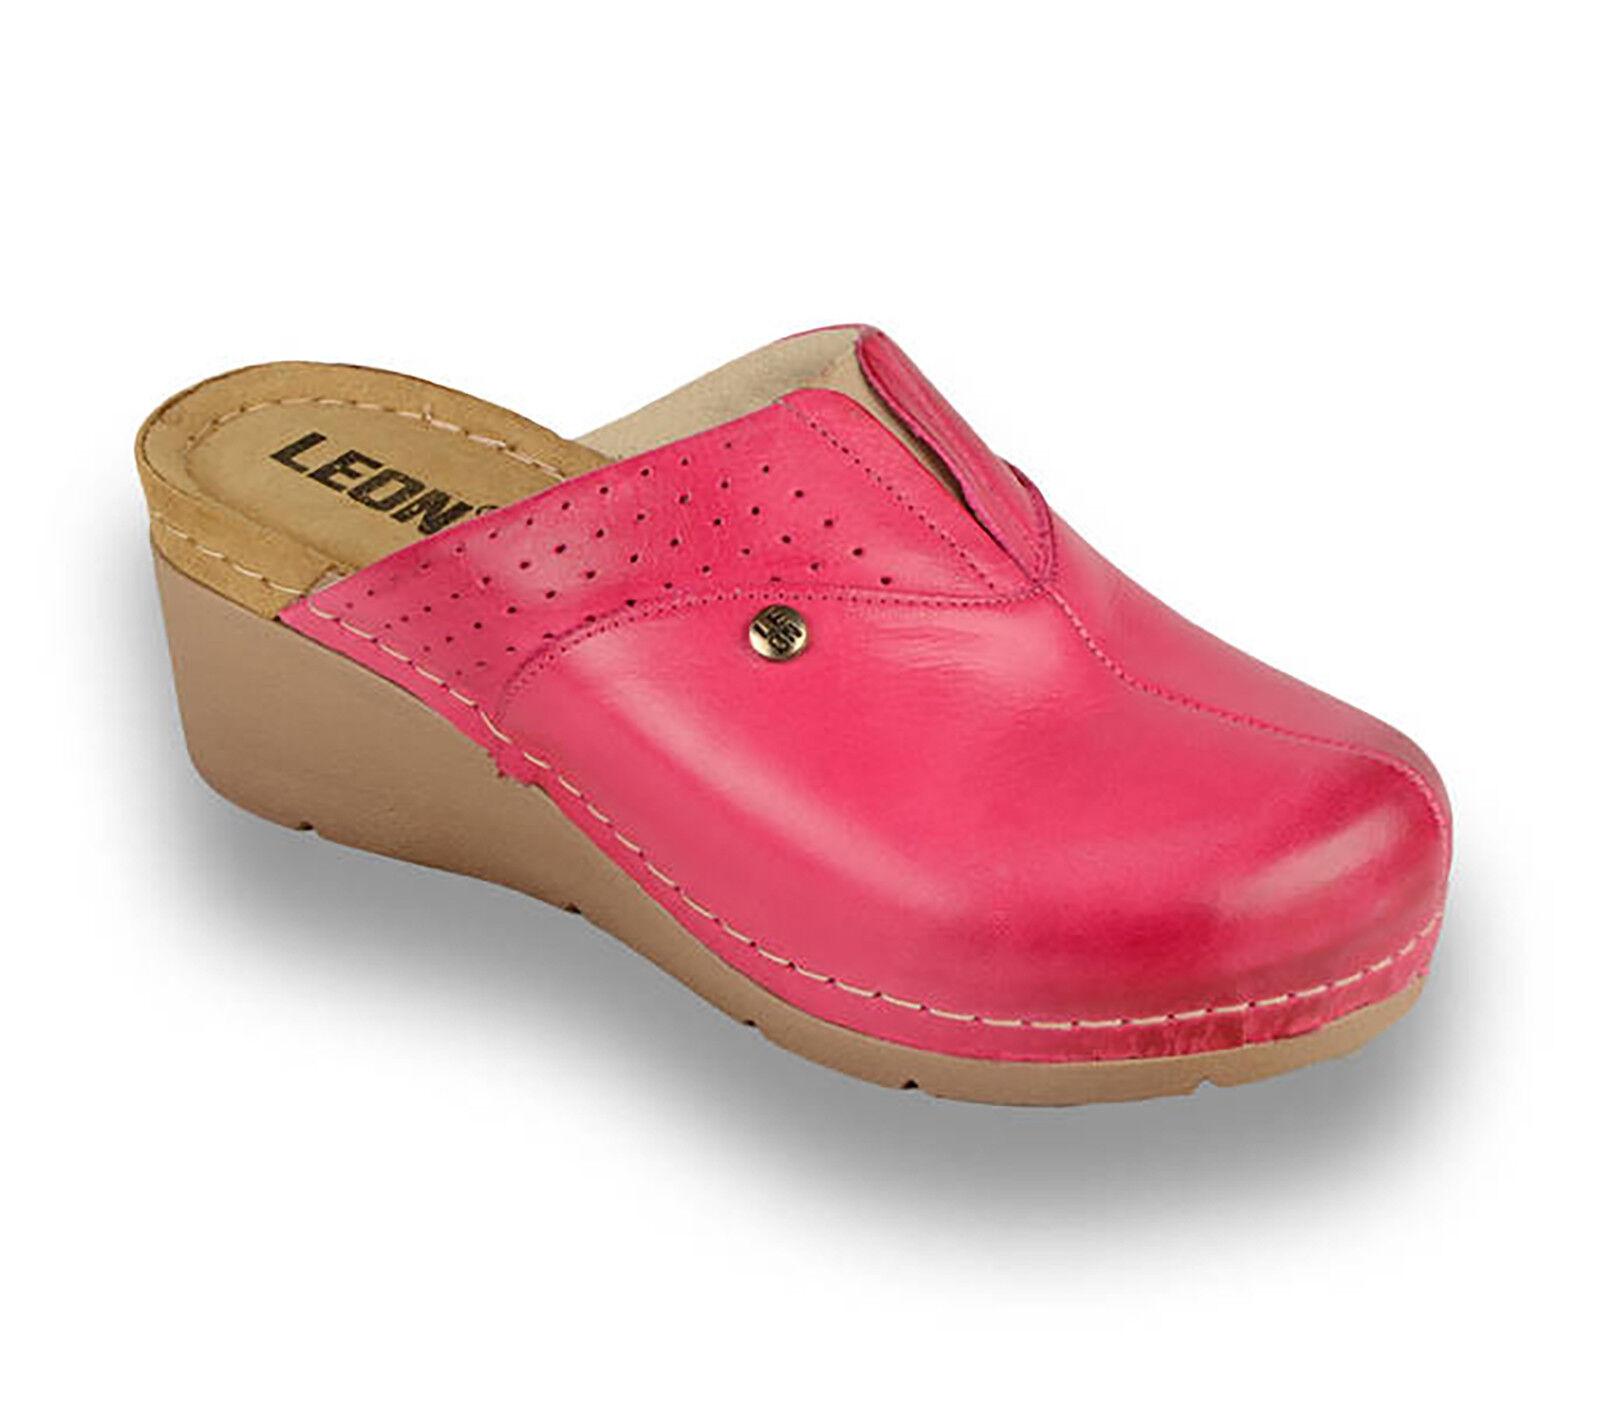 LEON 1002 Donne Donna in Pelle Infilare rosa Muli Zoccoli Pantofole Sandali, rosa Infilare NUOVO REGNO UNITO 92d360